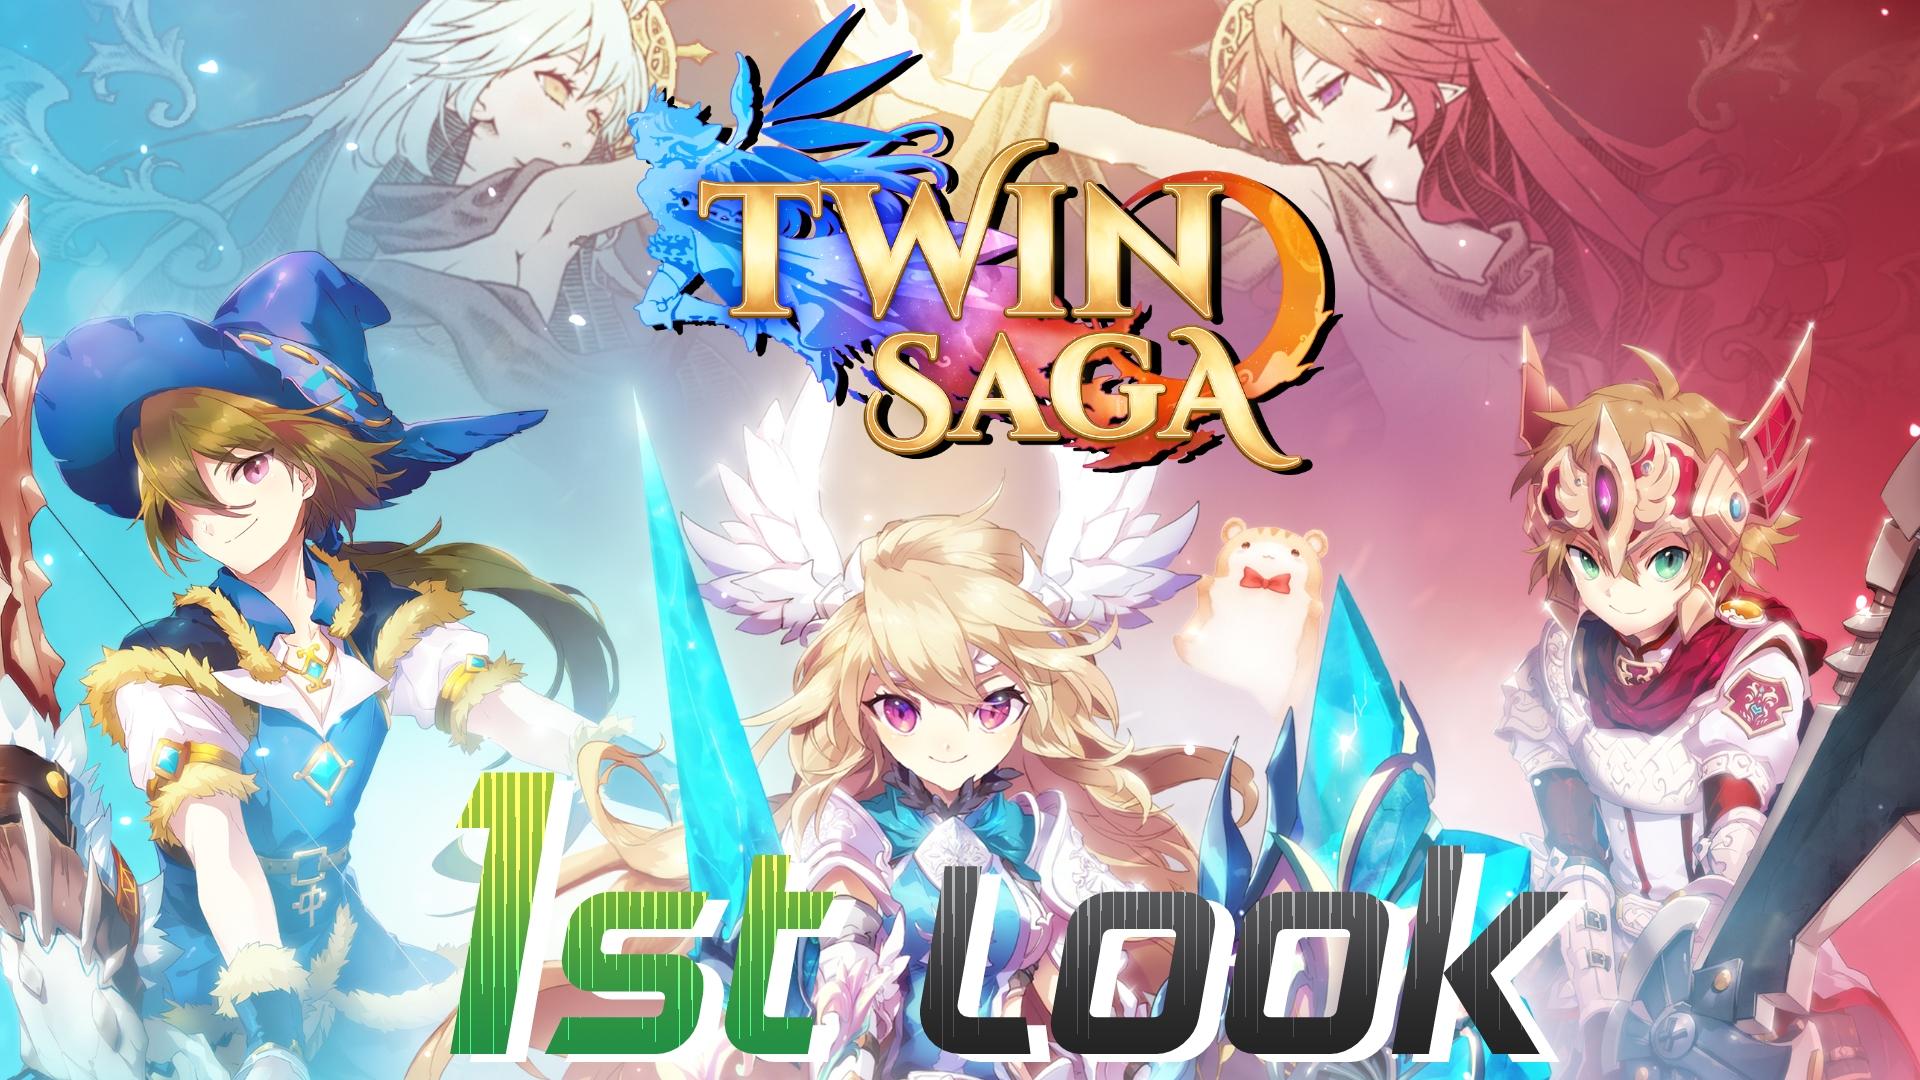 Twin Saga First Look Two